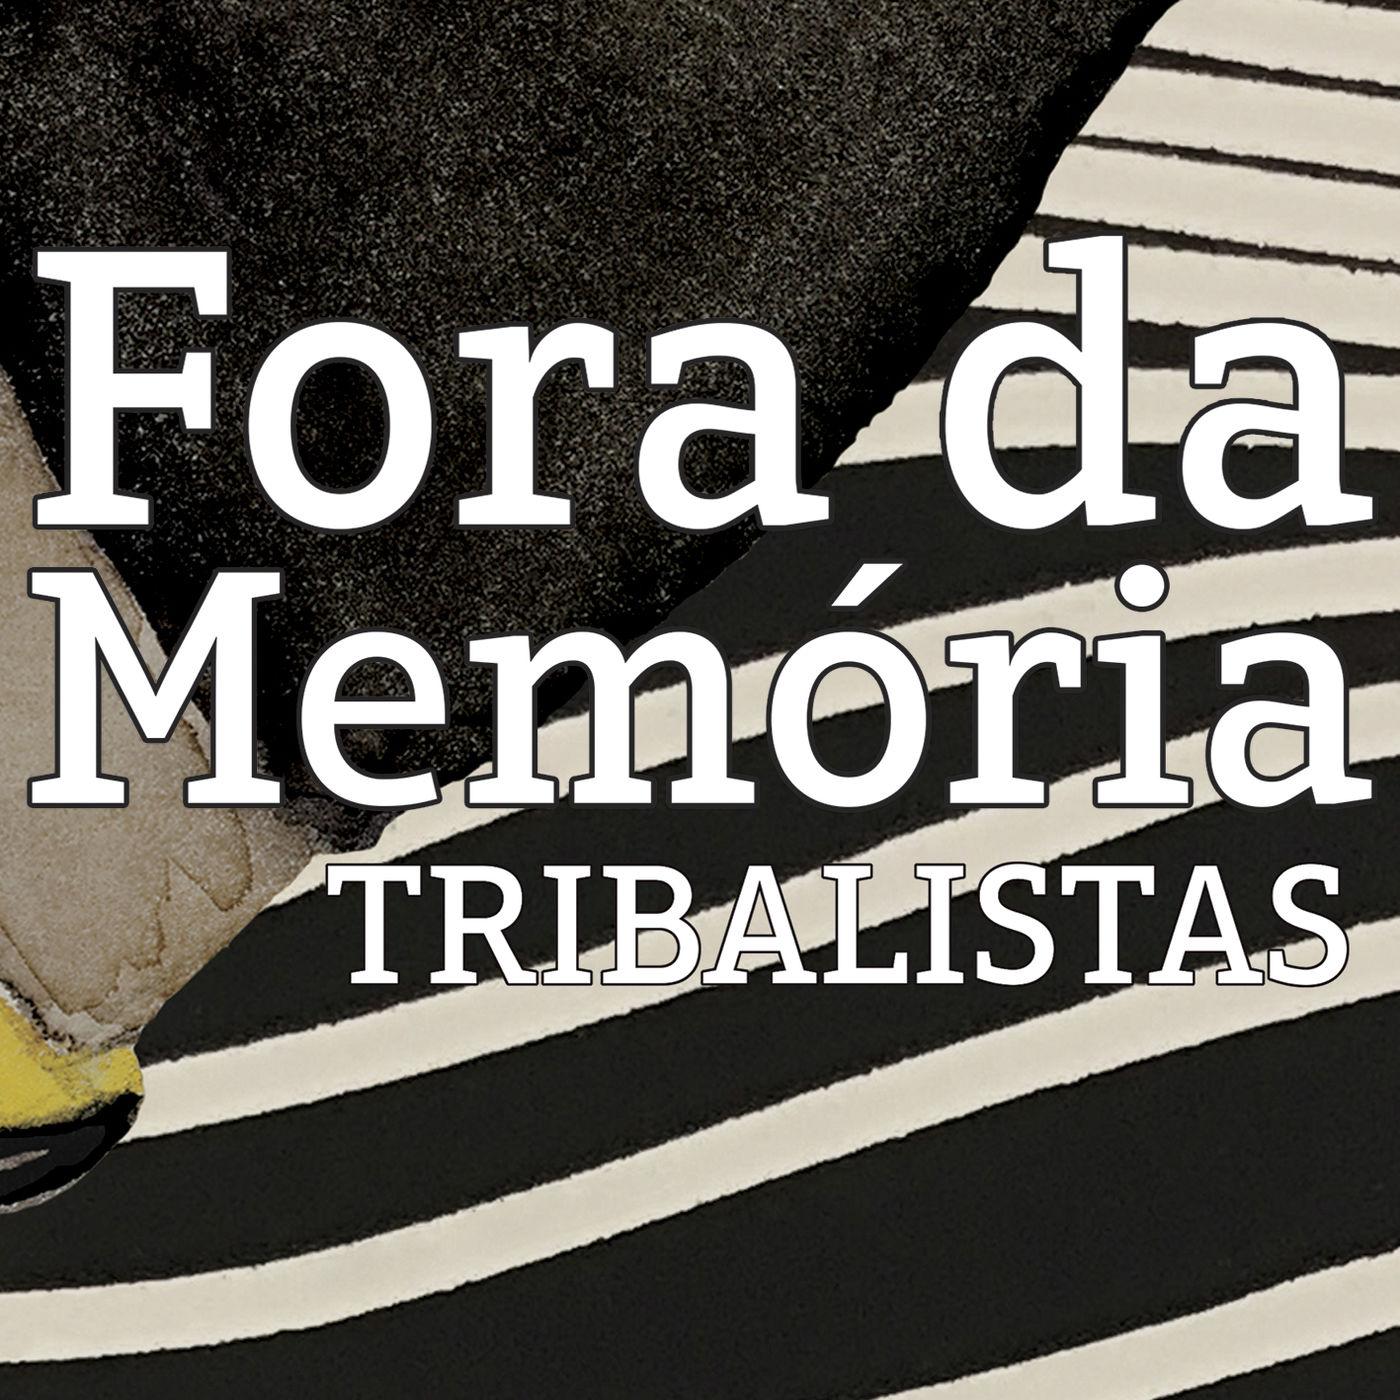 Tribalistas - Fora da Memória (Single)